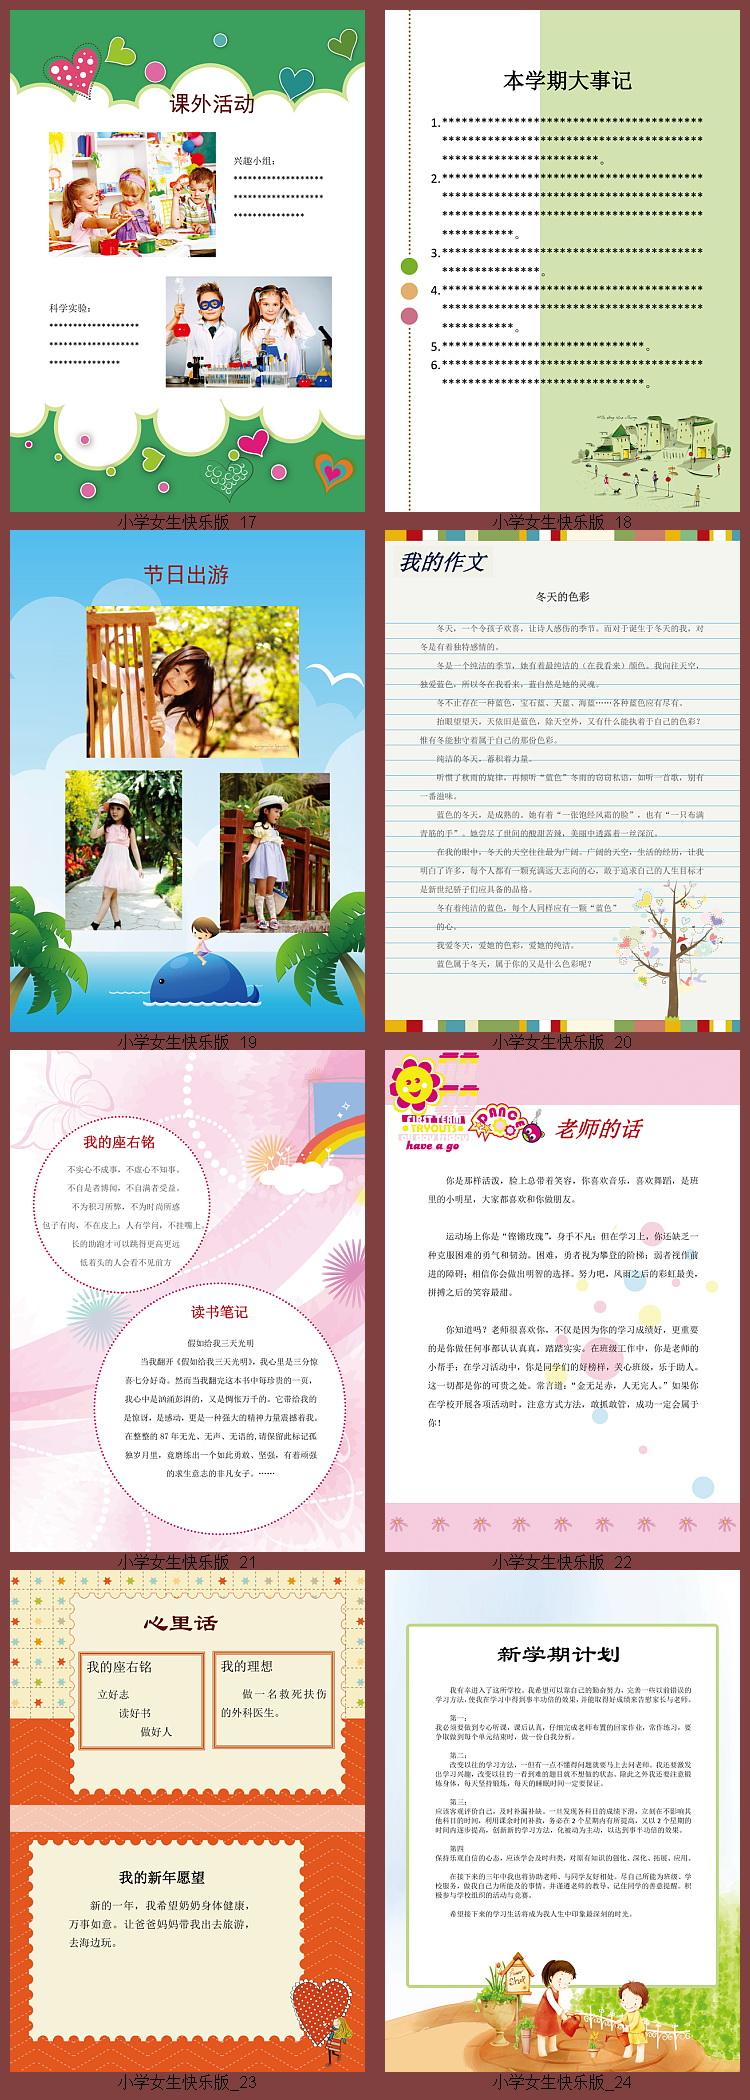 小学生成长档案模版-女生快乐版(word) 电子模版-第3张